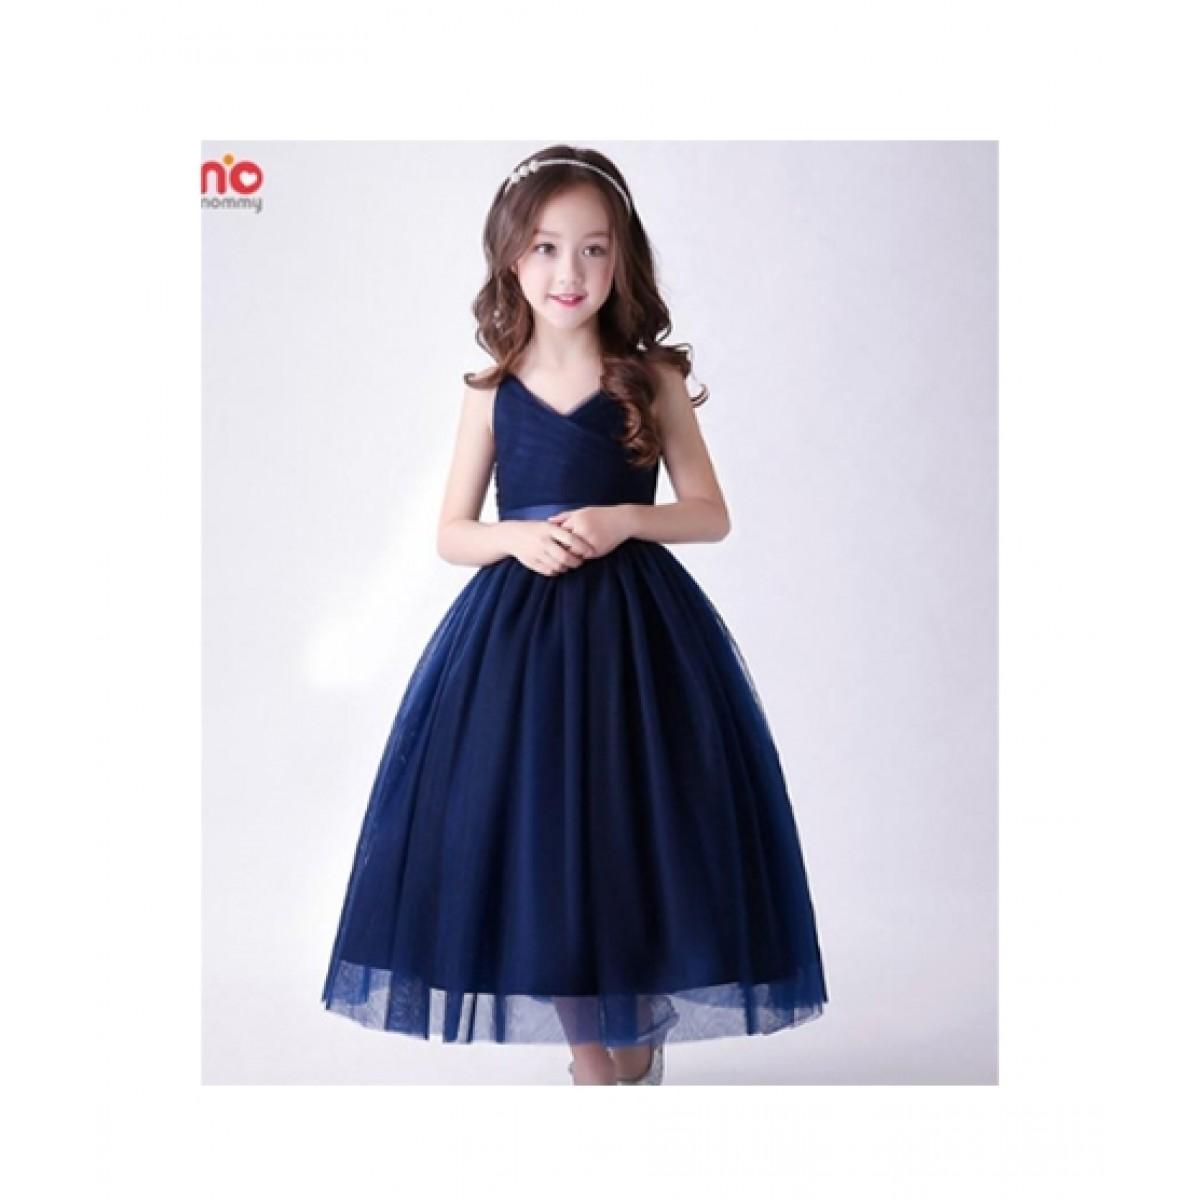 Fashionvalley Elegant Wedding Dress For Girl Navy Blue